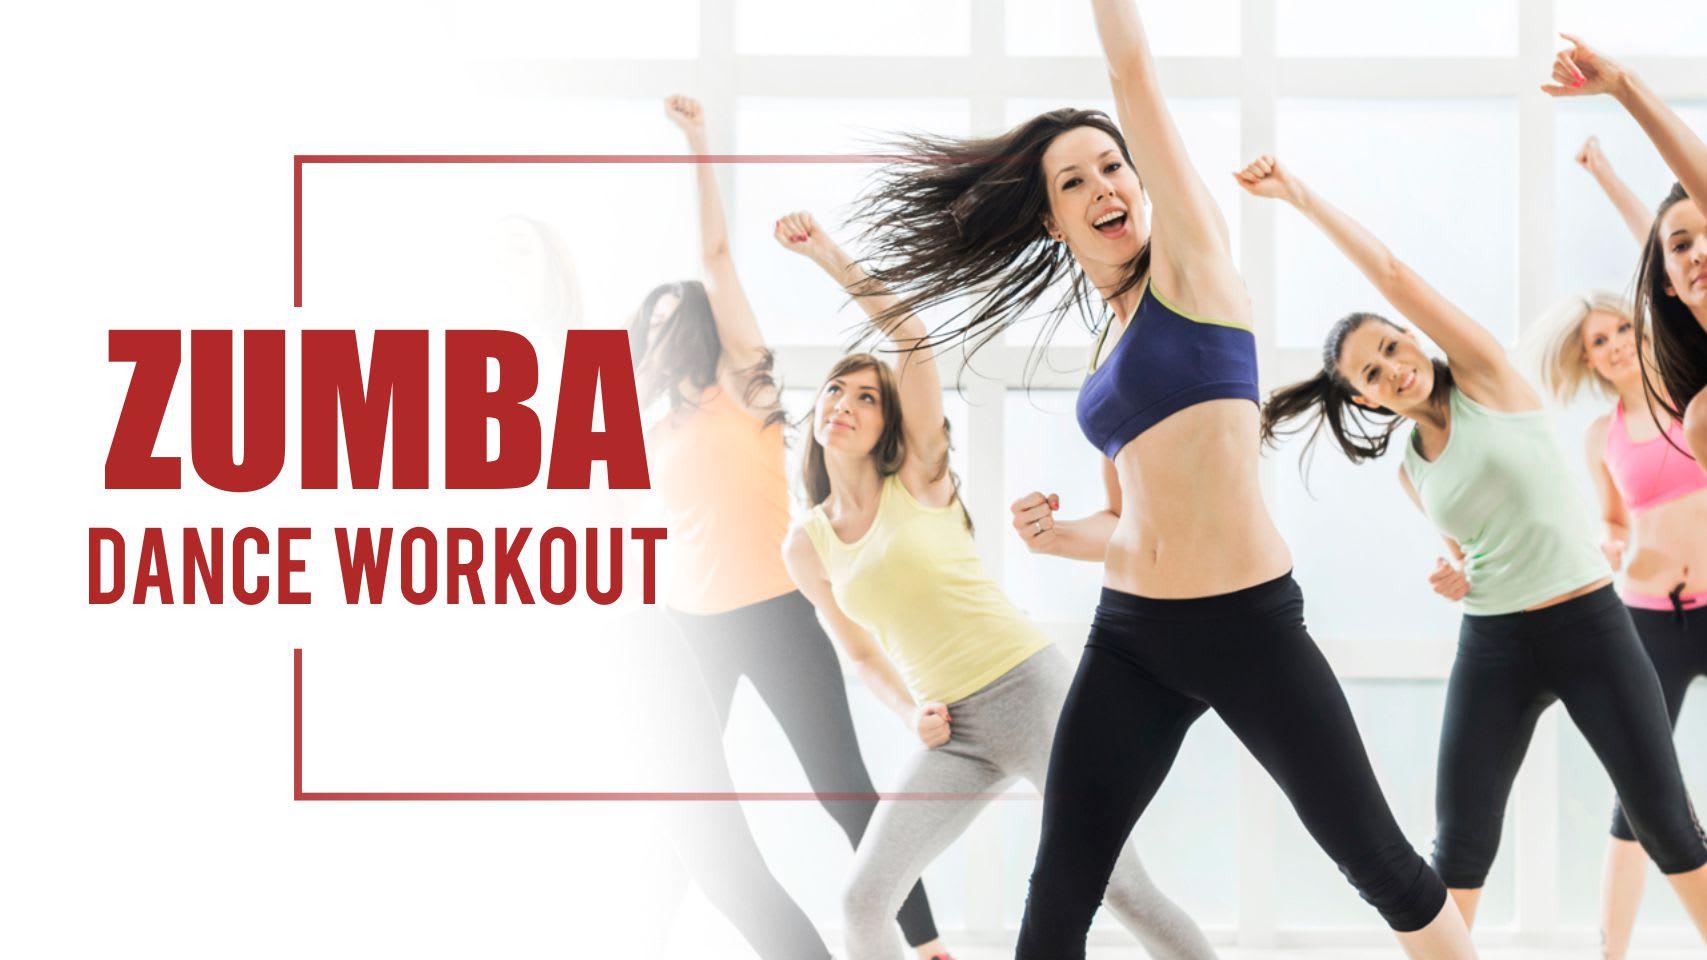 Zumba Dance, Zumba Dance Workout, choreo n concept, dance and fitness, choreo n conept fitness, bollywood workout, dance workout